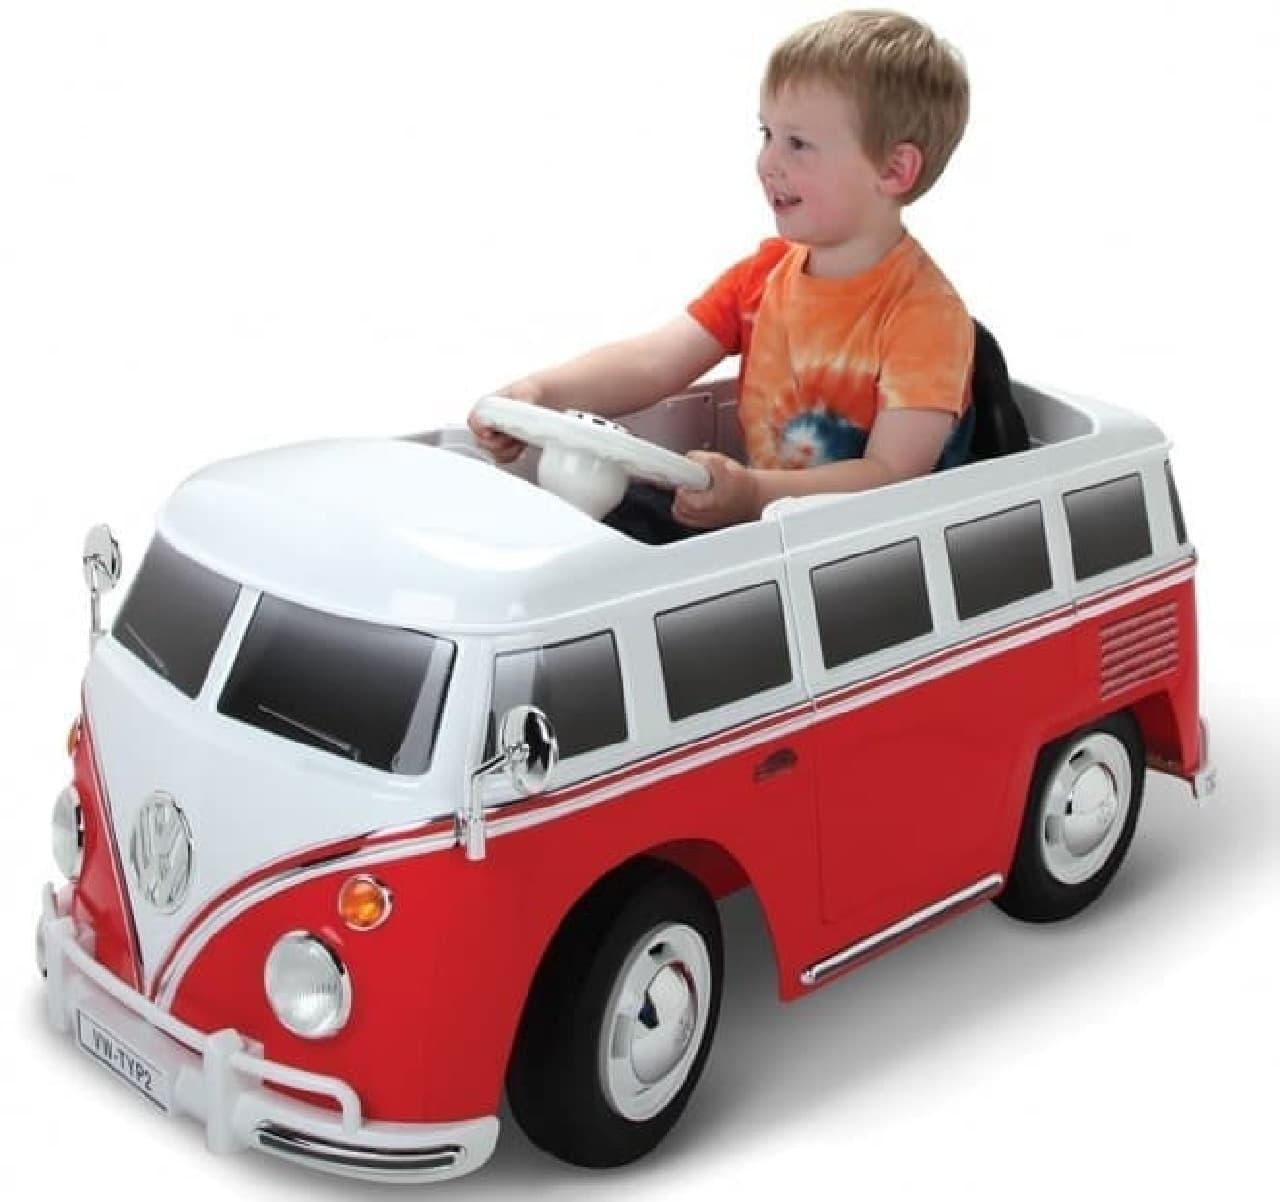 一人乗りの子ども用自動車「Volkswagen Bus」